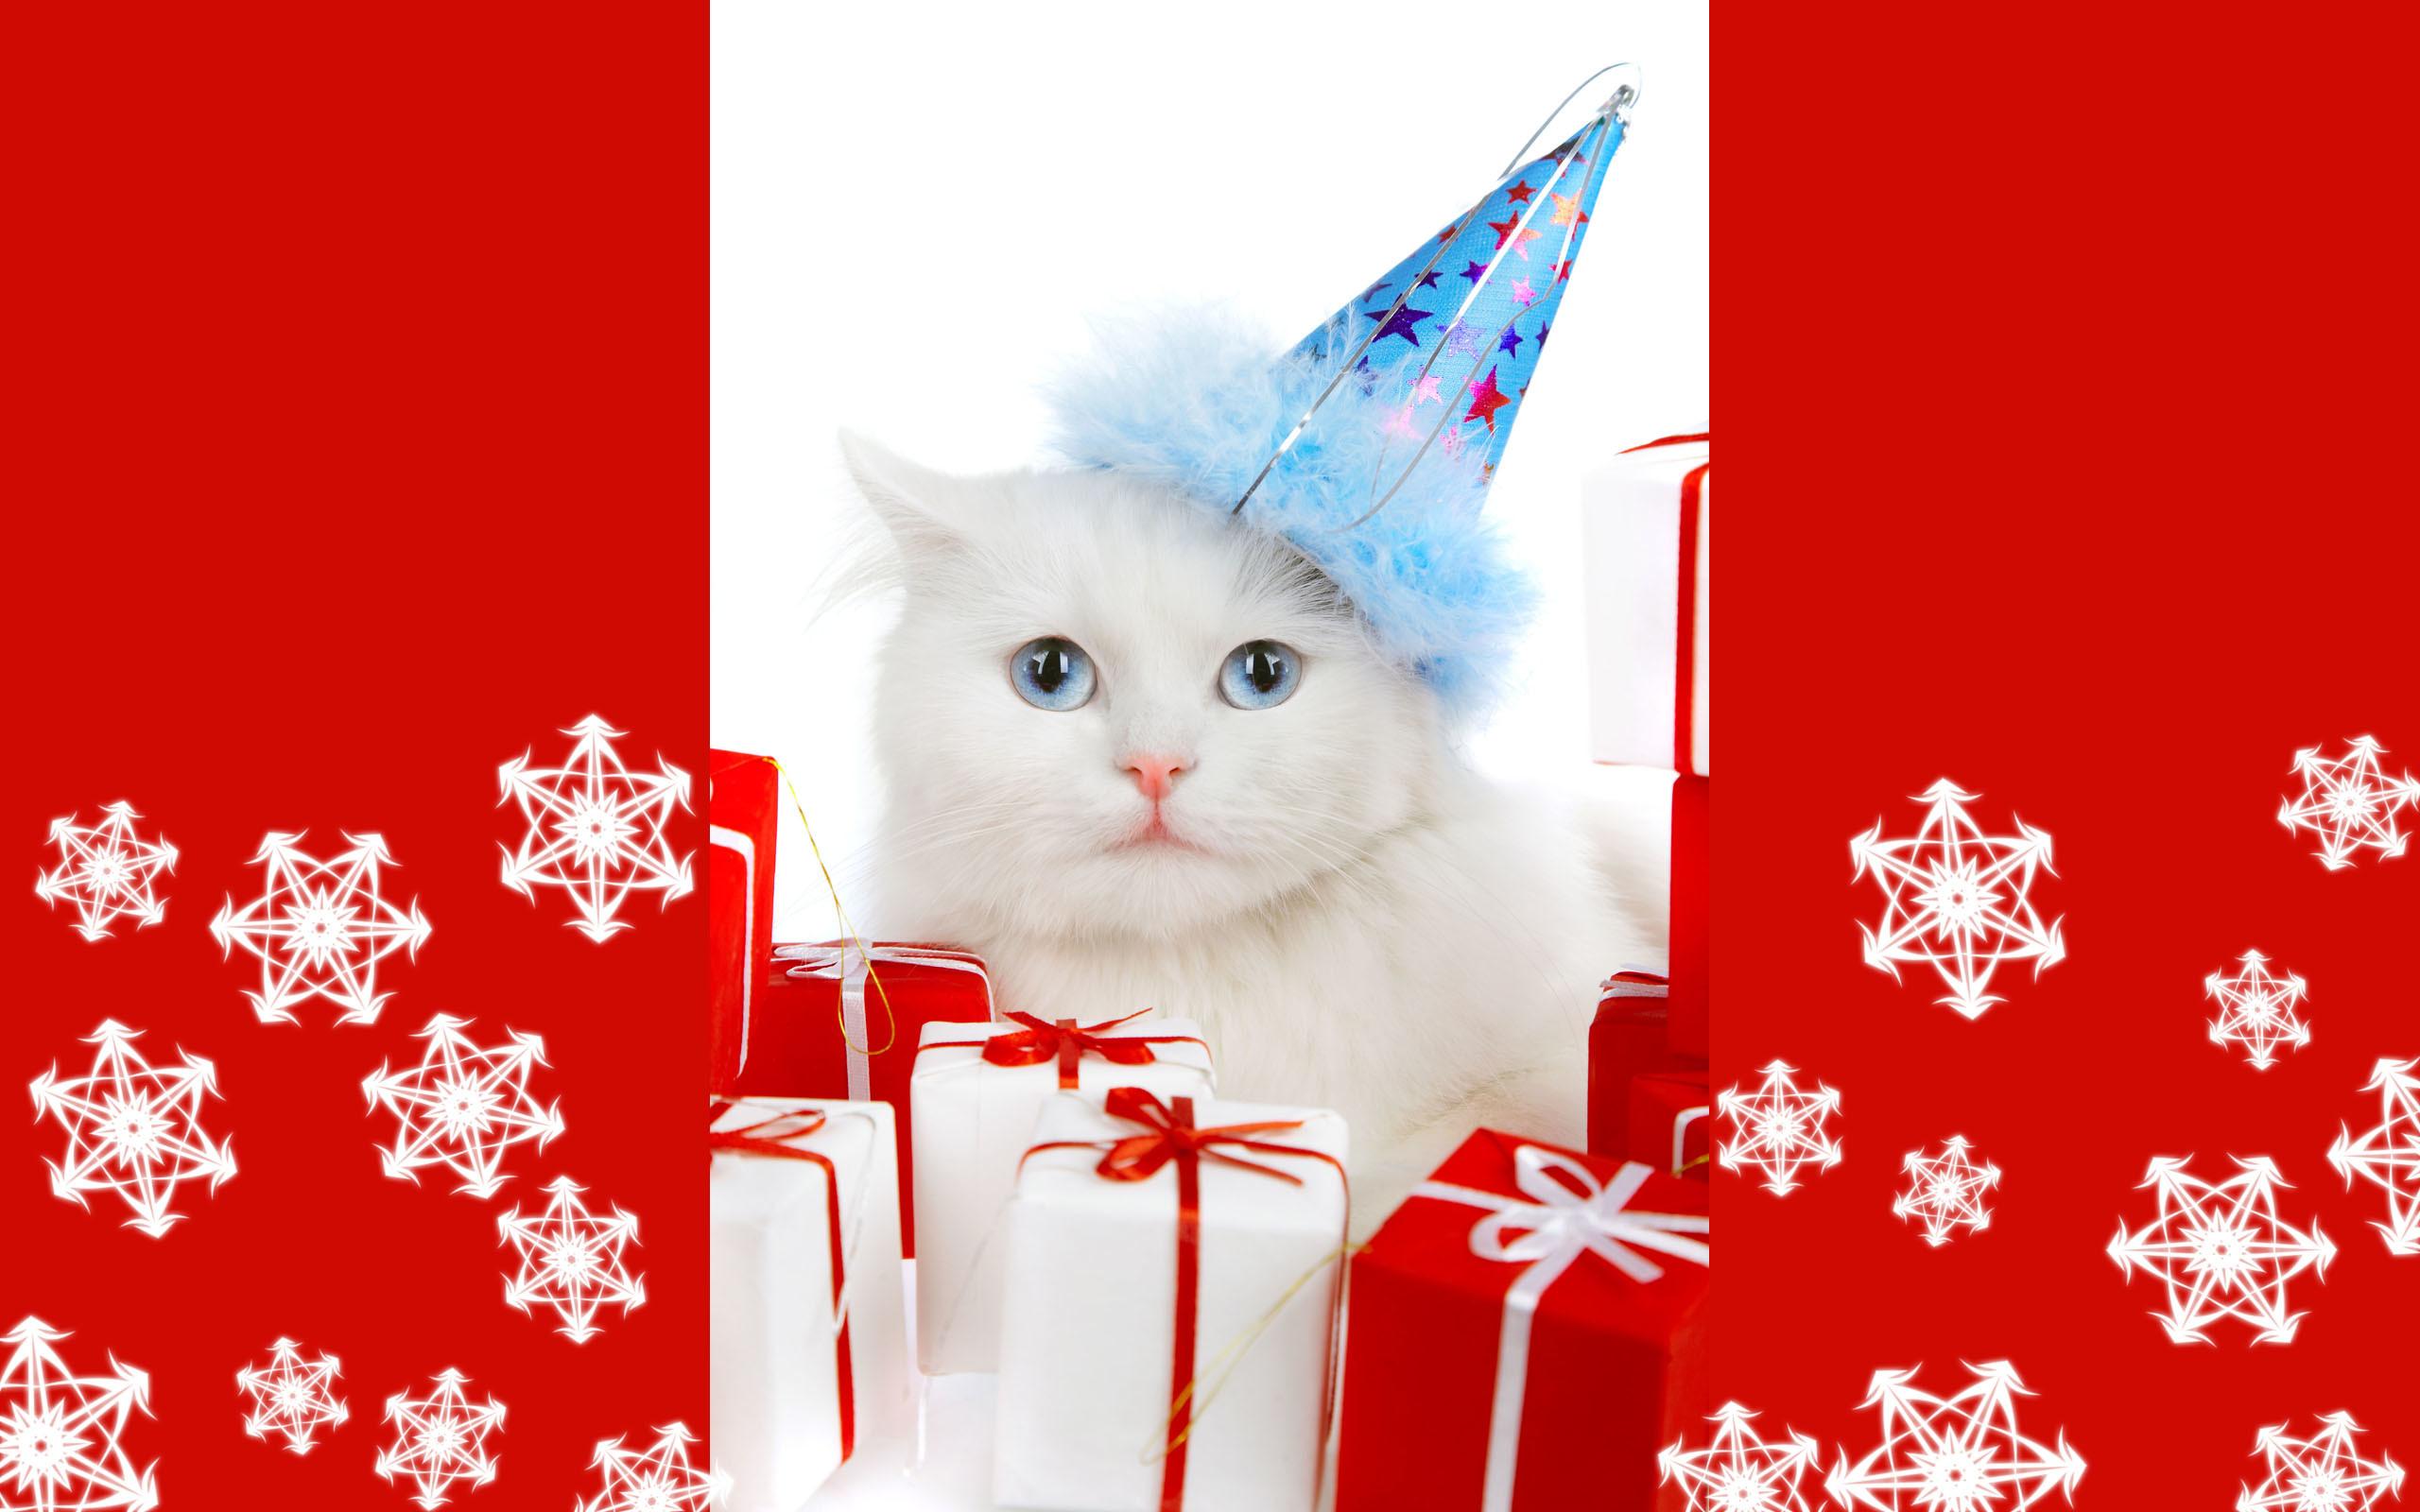 Christmas Kitten Wallpaper Free